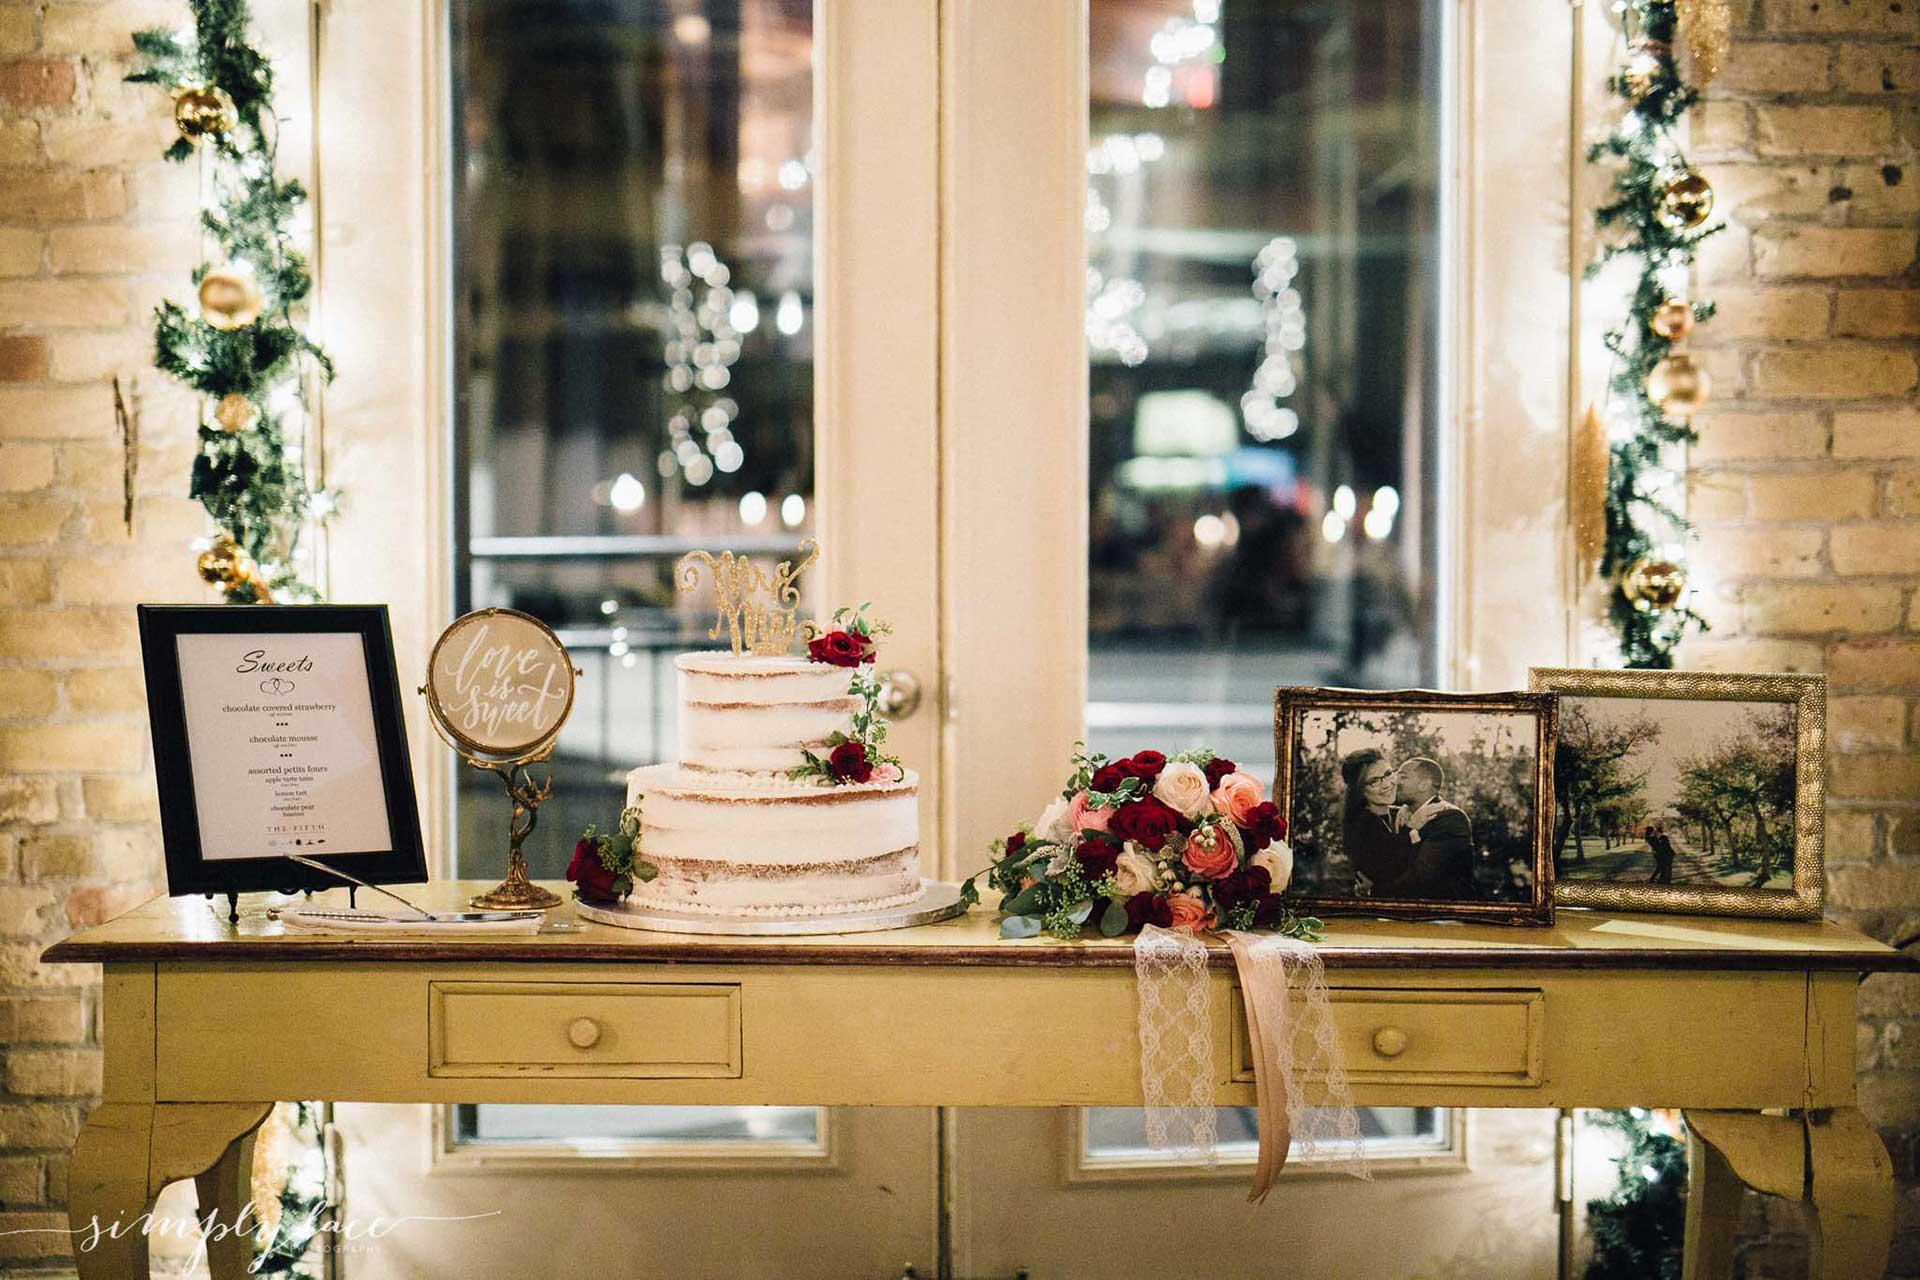 Unique Wedding Venues Toronto - Wedding Cake - Vintage Wedding